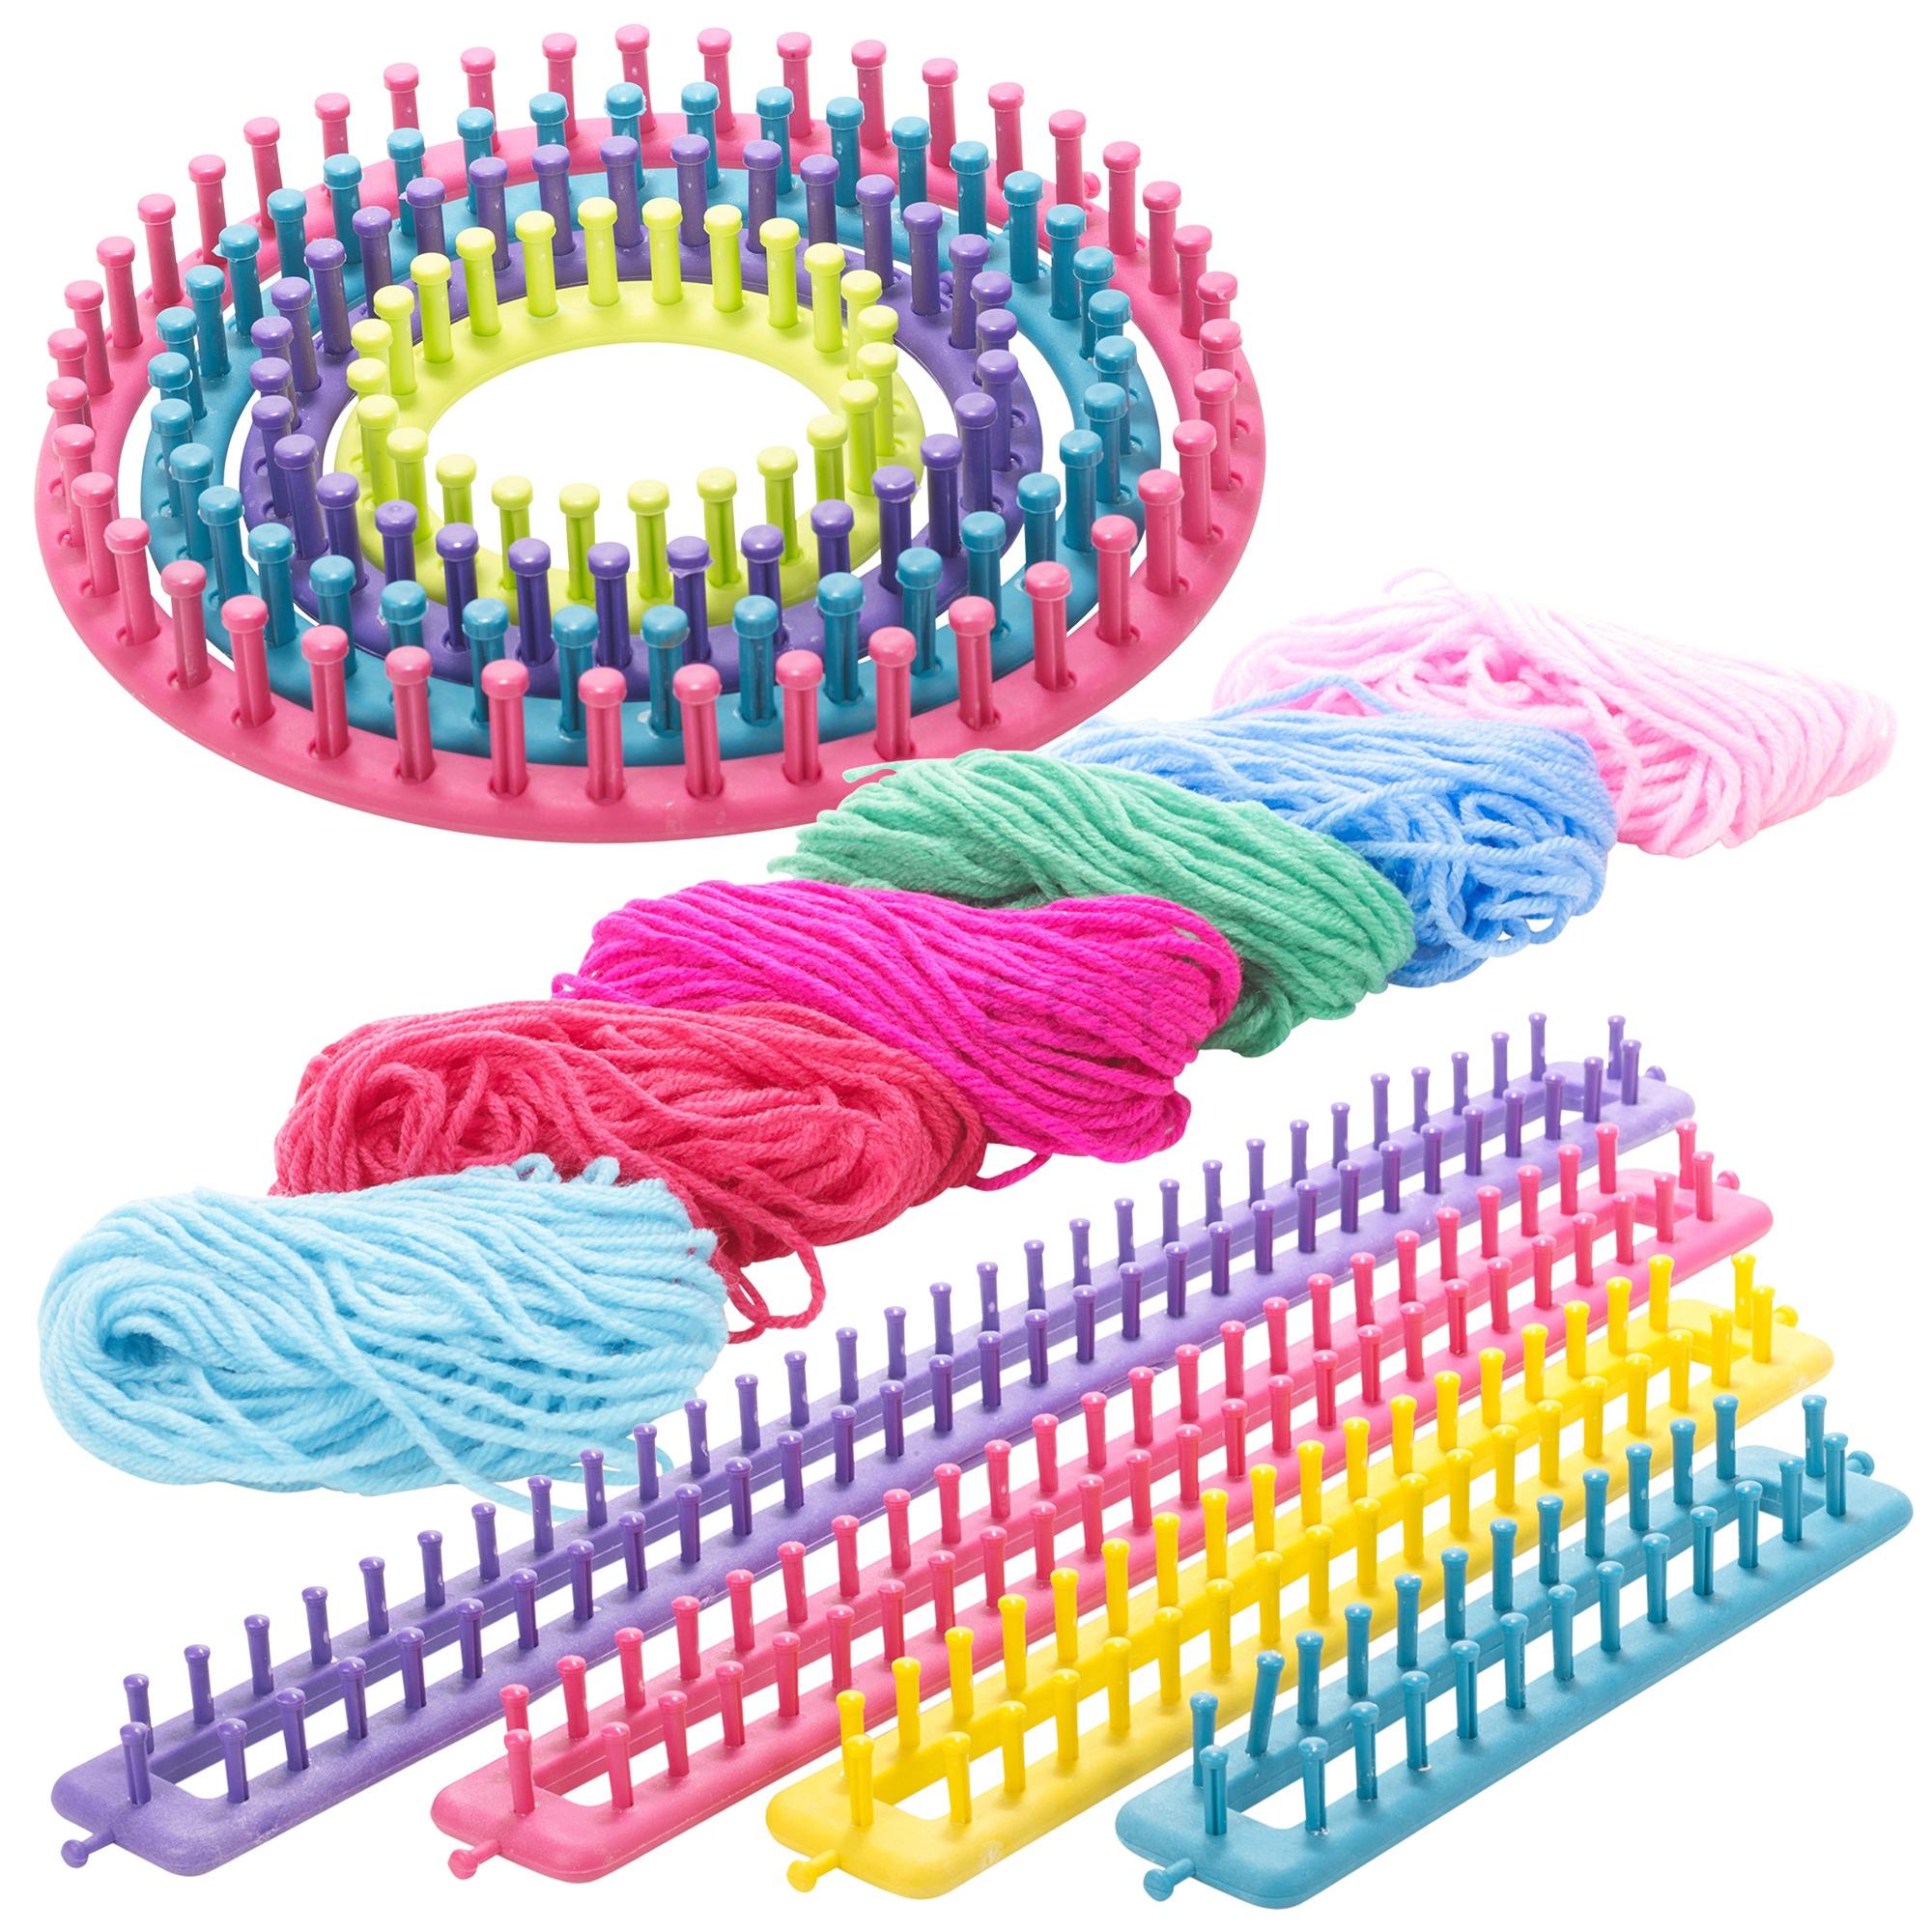 Knitting Supplies Uk : Knitting wool oblong round set craft kit sock scarf hat